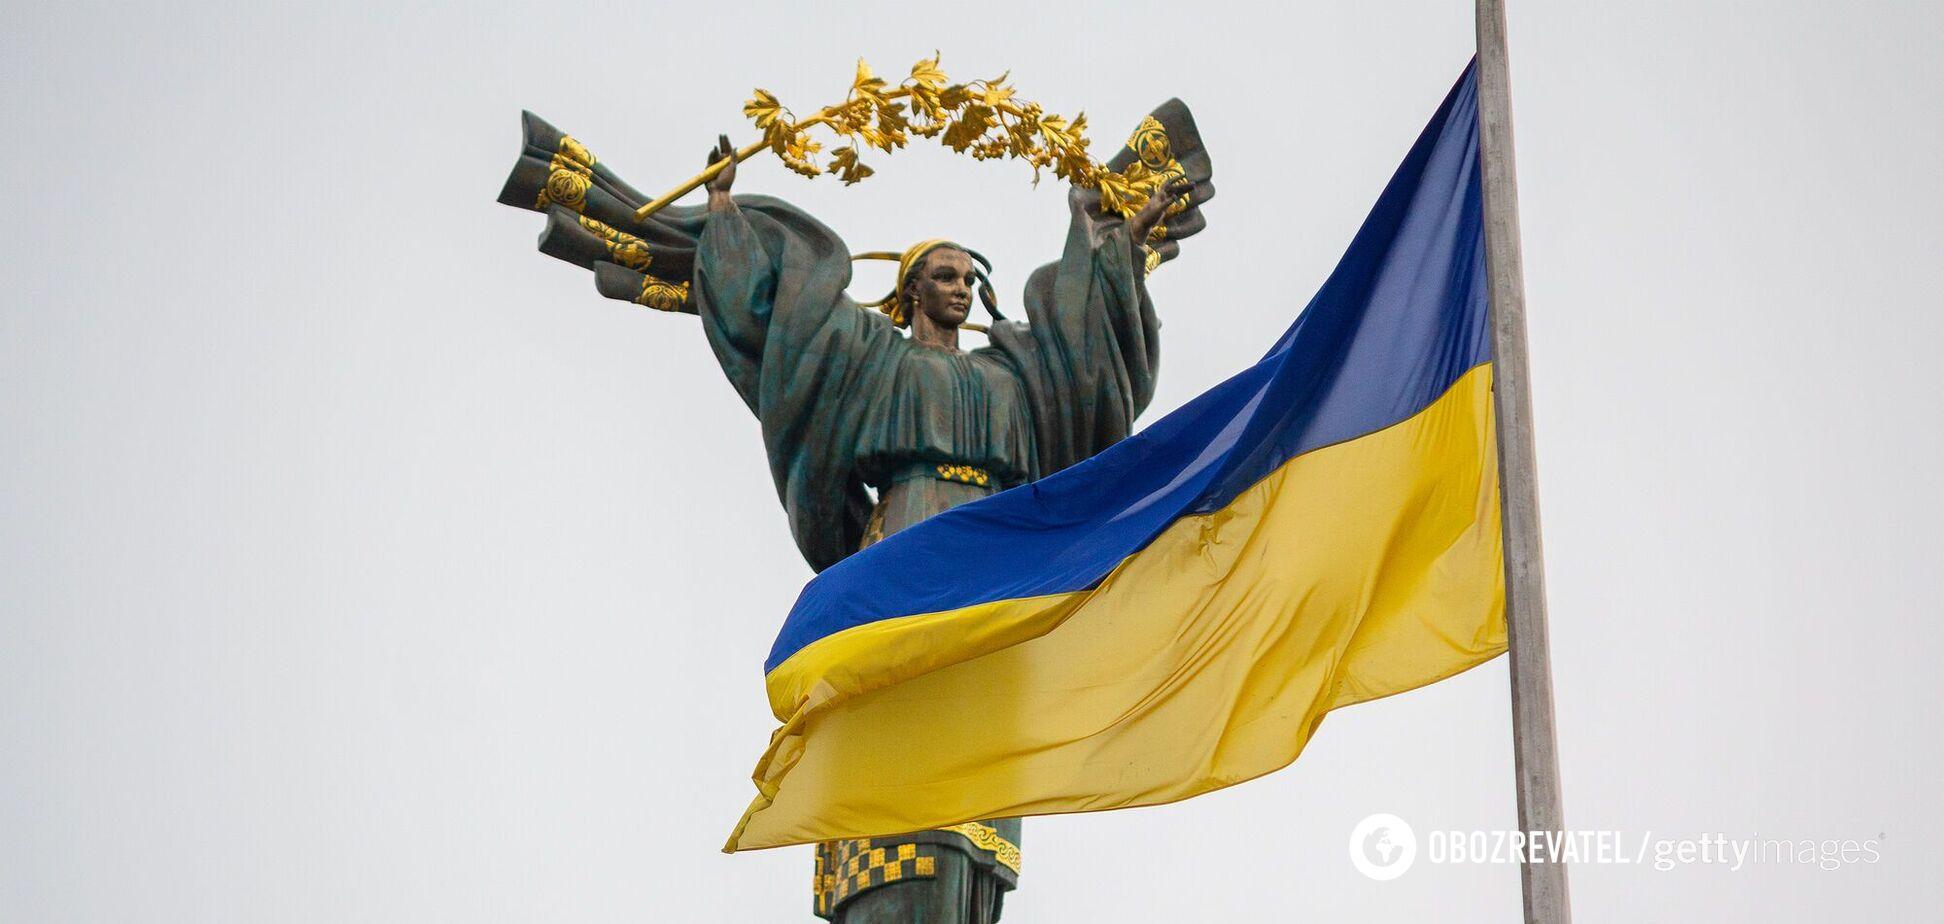 Славень нової України: пора покласти край 'тимчасовості' державного гімну